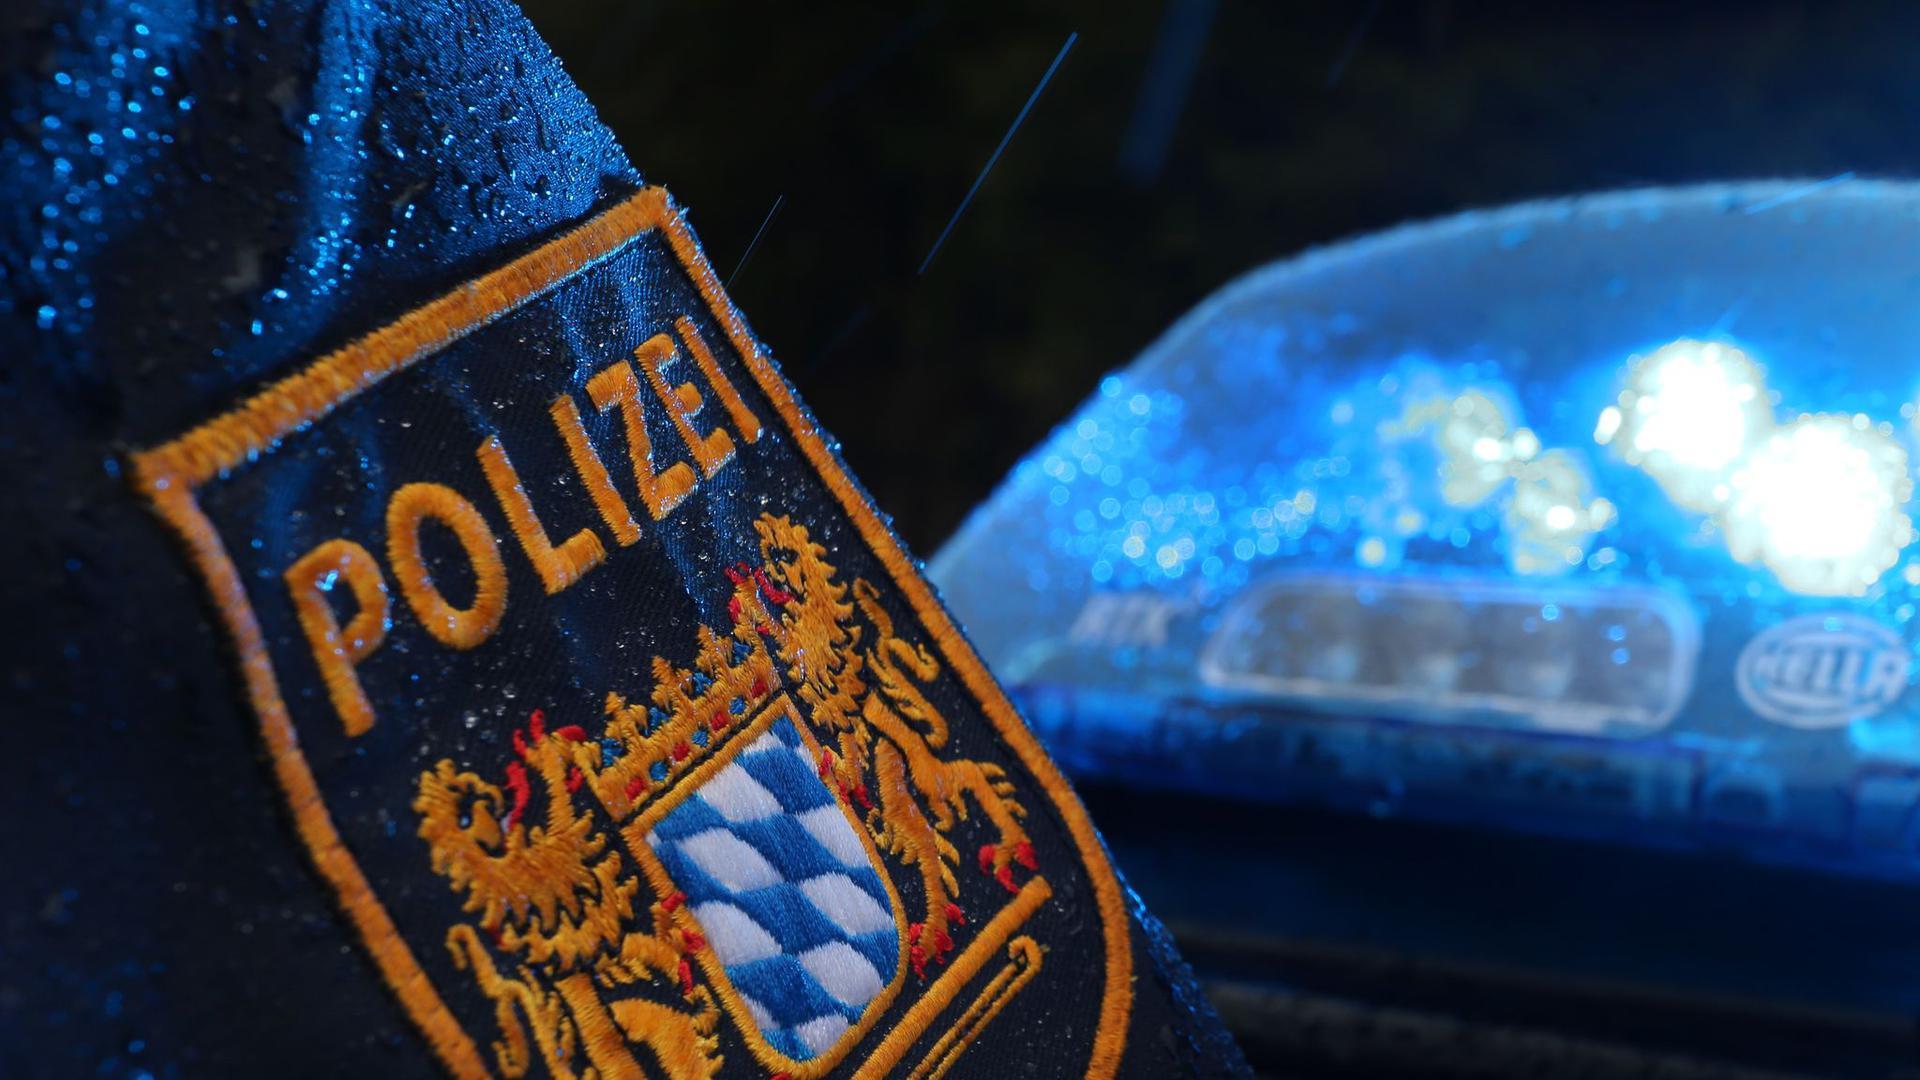 Der Arm eines Polizisten neben dem Blaulicht eines Polizeiautos.